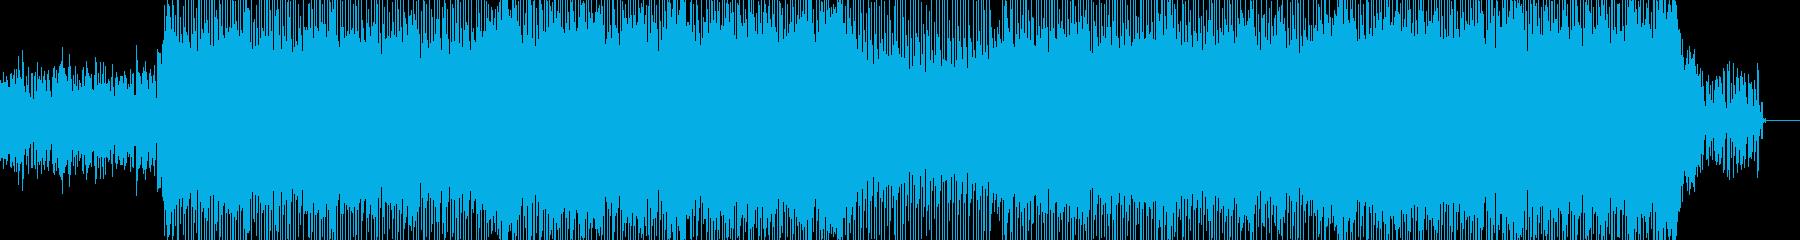 明るくポップな企業イベントVP-36の再生済みの波形